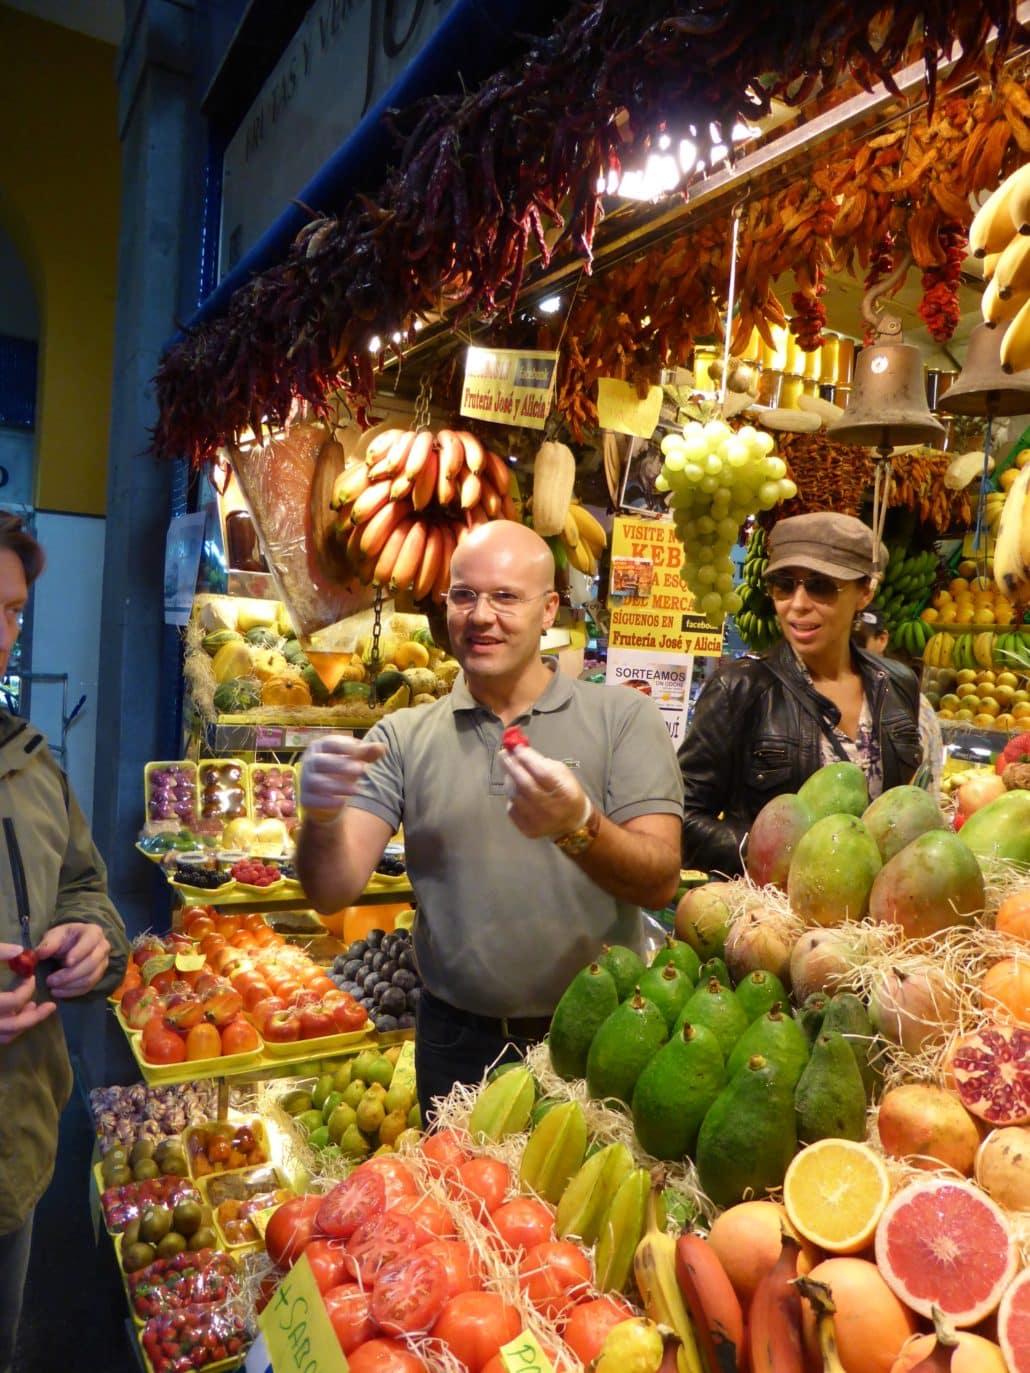 Vendors at the Mercado de Vegueta encourage shoppers to sample the merchandise